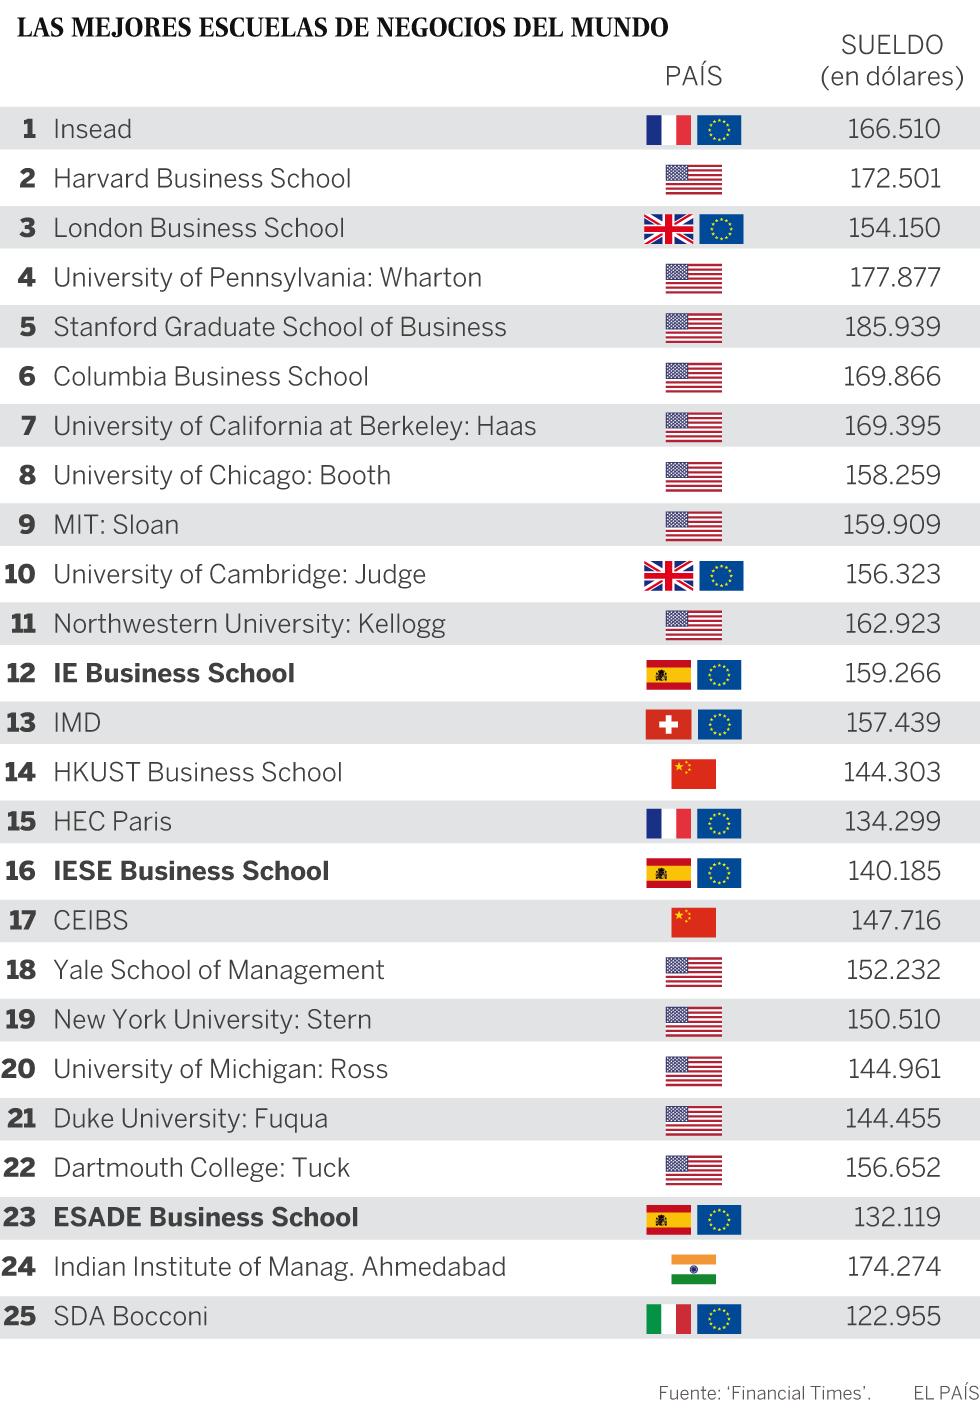 Harvard Ya No Tiene La Mejor Escuela De Negocios Del Mundo Economía El País